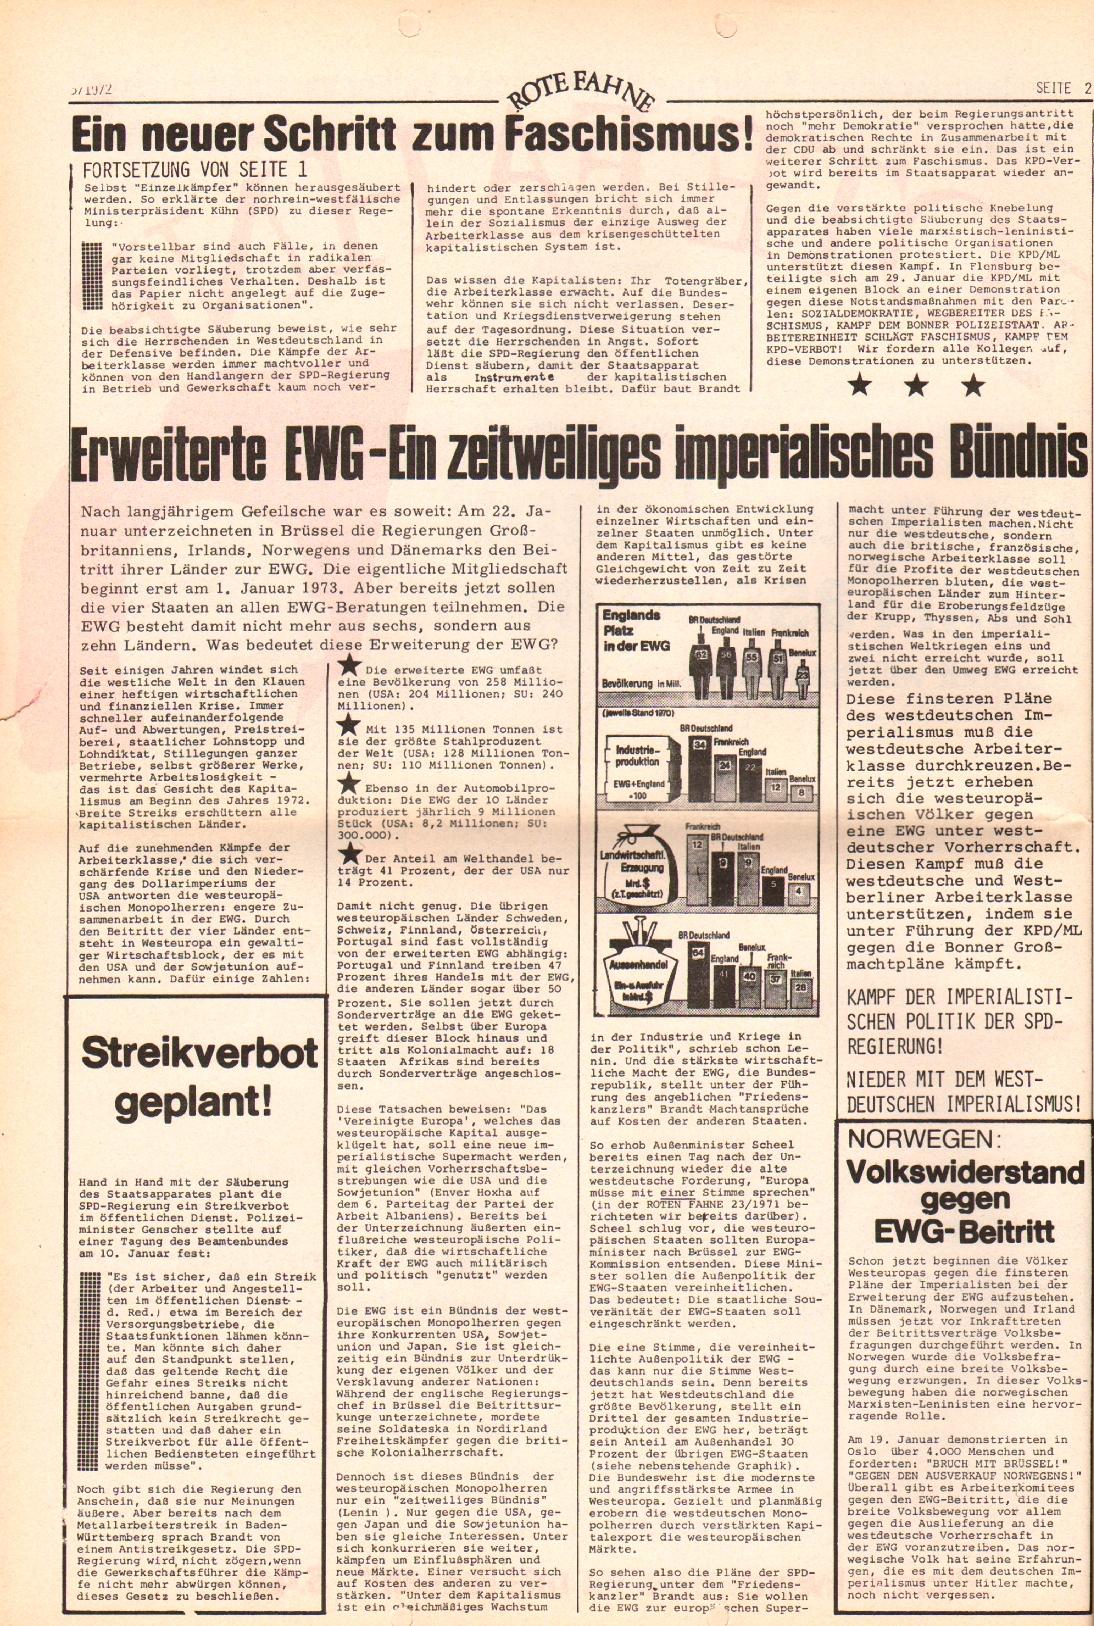 Rote Fahne, 3. Jg., 7.2.1972, Nr. 3, Seite 2